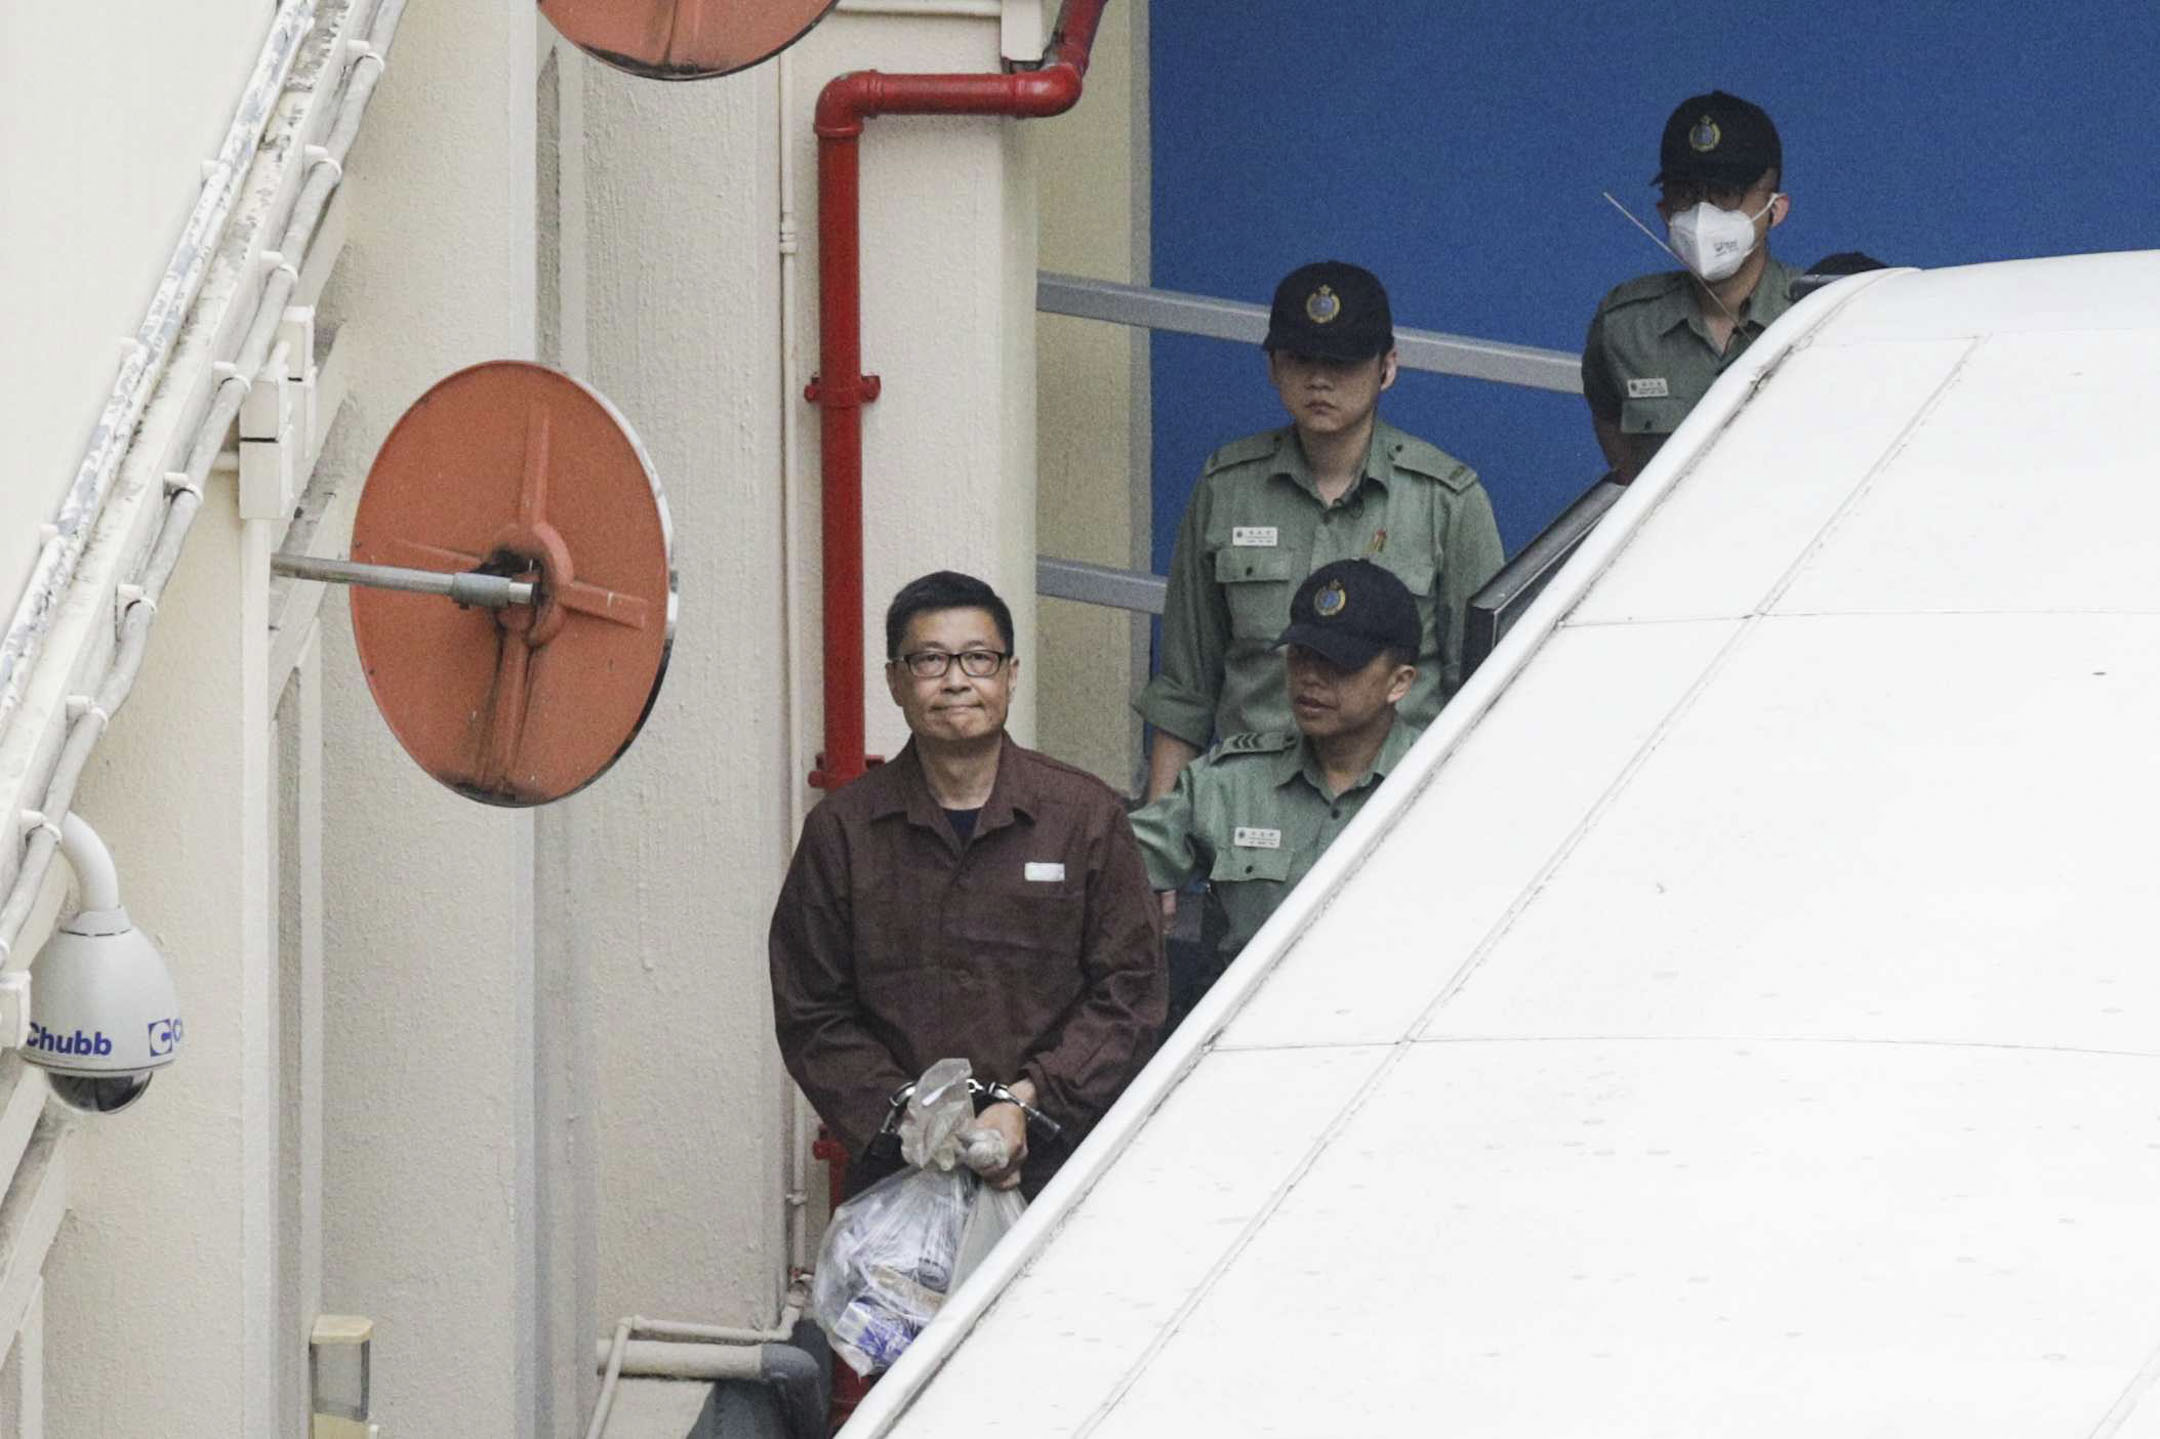 2019年4月27日,佔中案九人早前被裁定罪成,當中四人包括戴耀廷及陳健民分別被判監18個月,邵家臻及黃浩銘則分別囚8個月。懲教署今日(27日)將陳健民帶上囚車從荔枝角收容所帶到其他監獄服刑。 攝:Stanley Leung/端傳媒